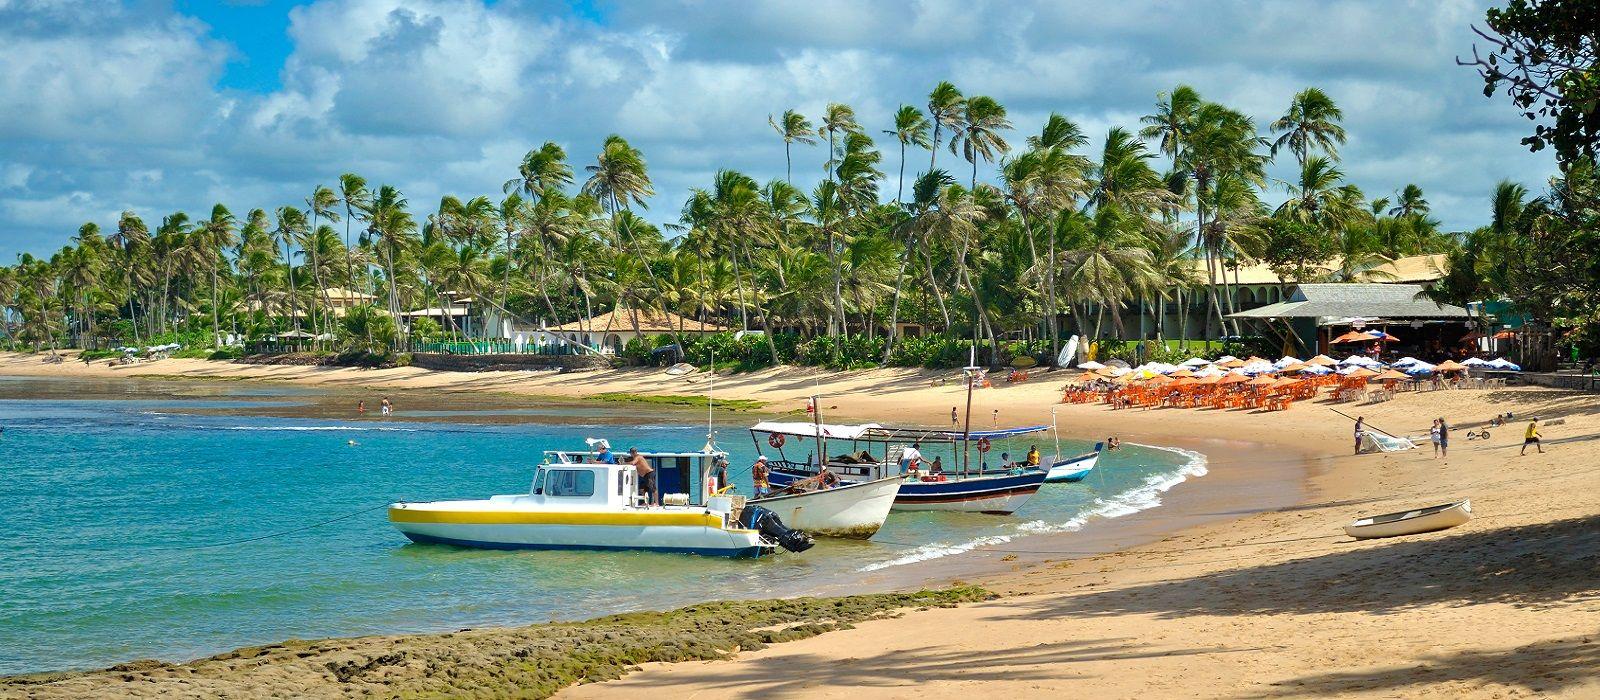 Amazon Rainforest and Beaches of Brazil Tour Trip 3